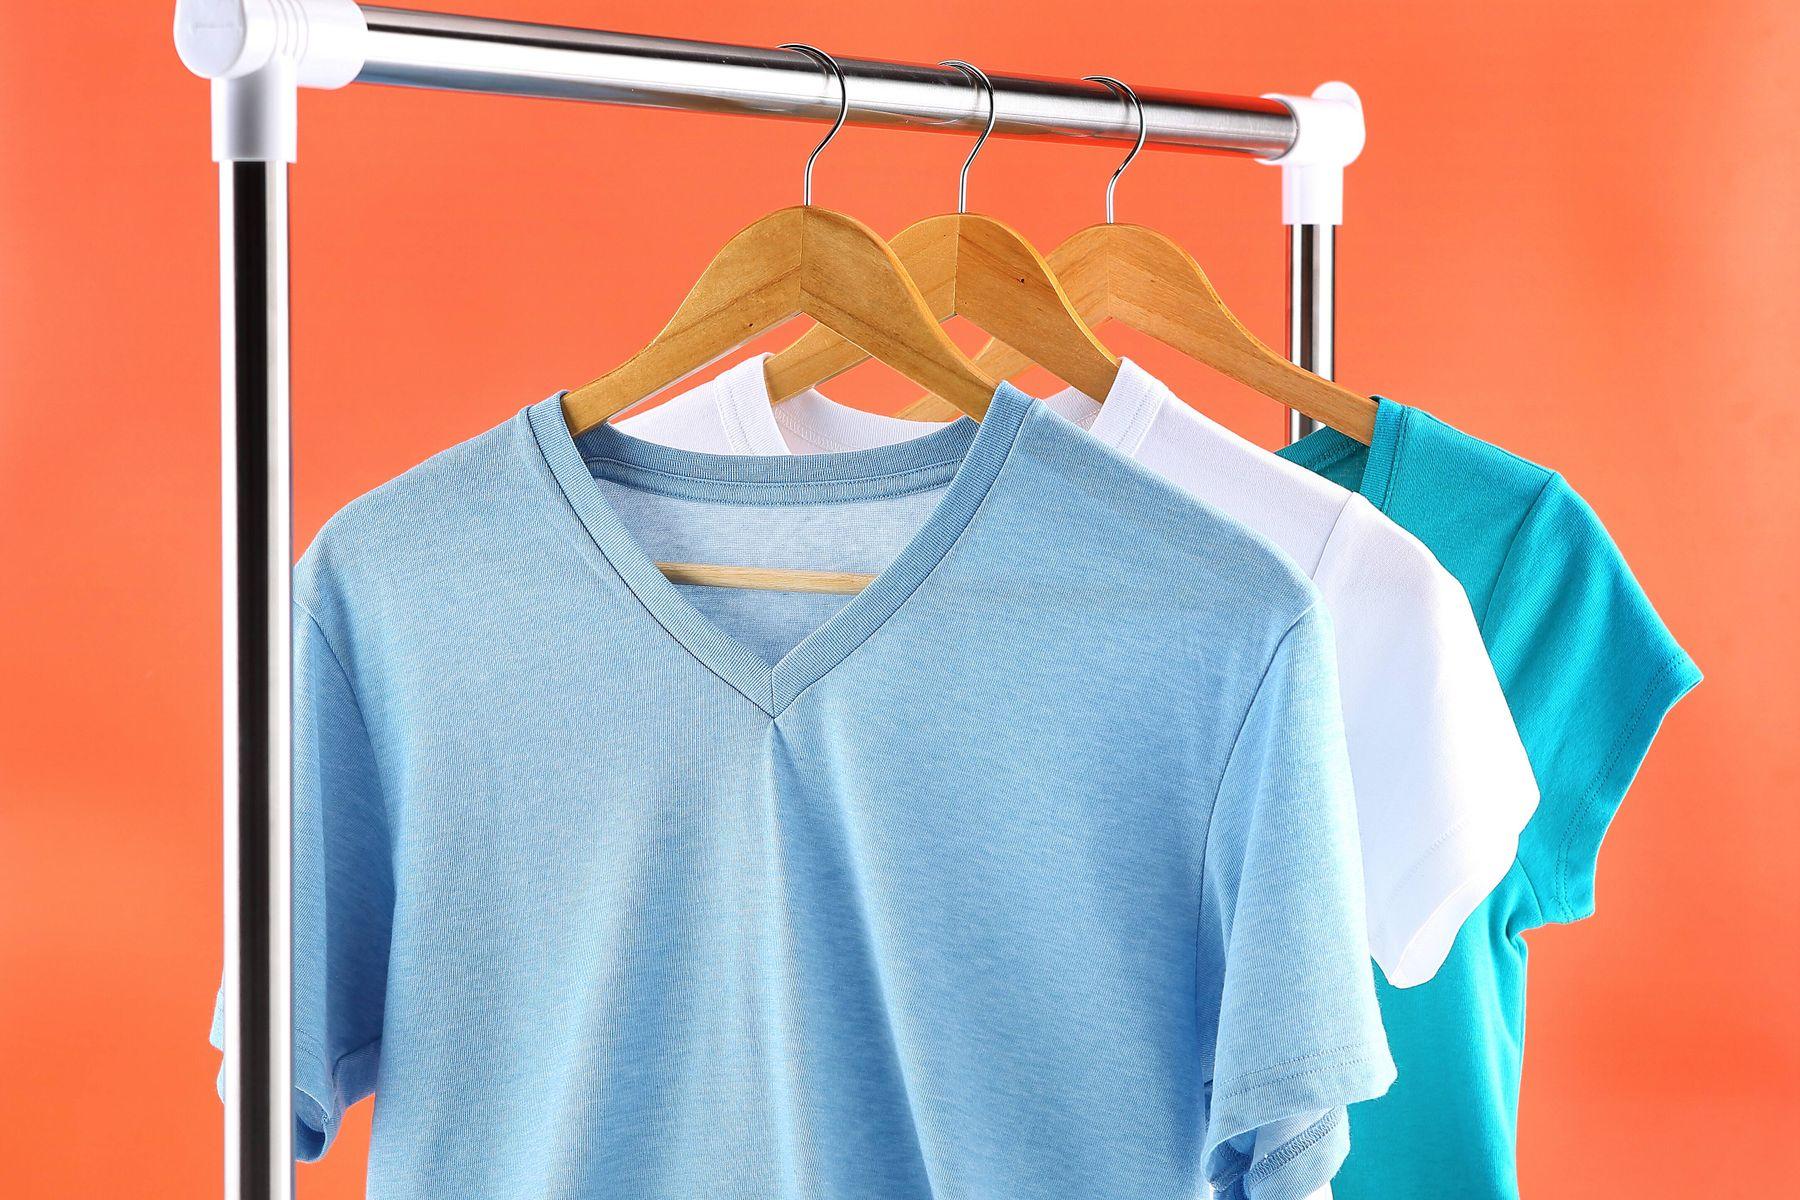 Arara de roupas com uma camiseta azul claro, uma branca e uma azul royal em fundo rosado